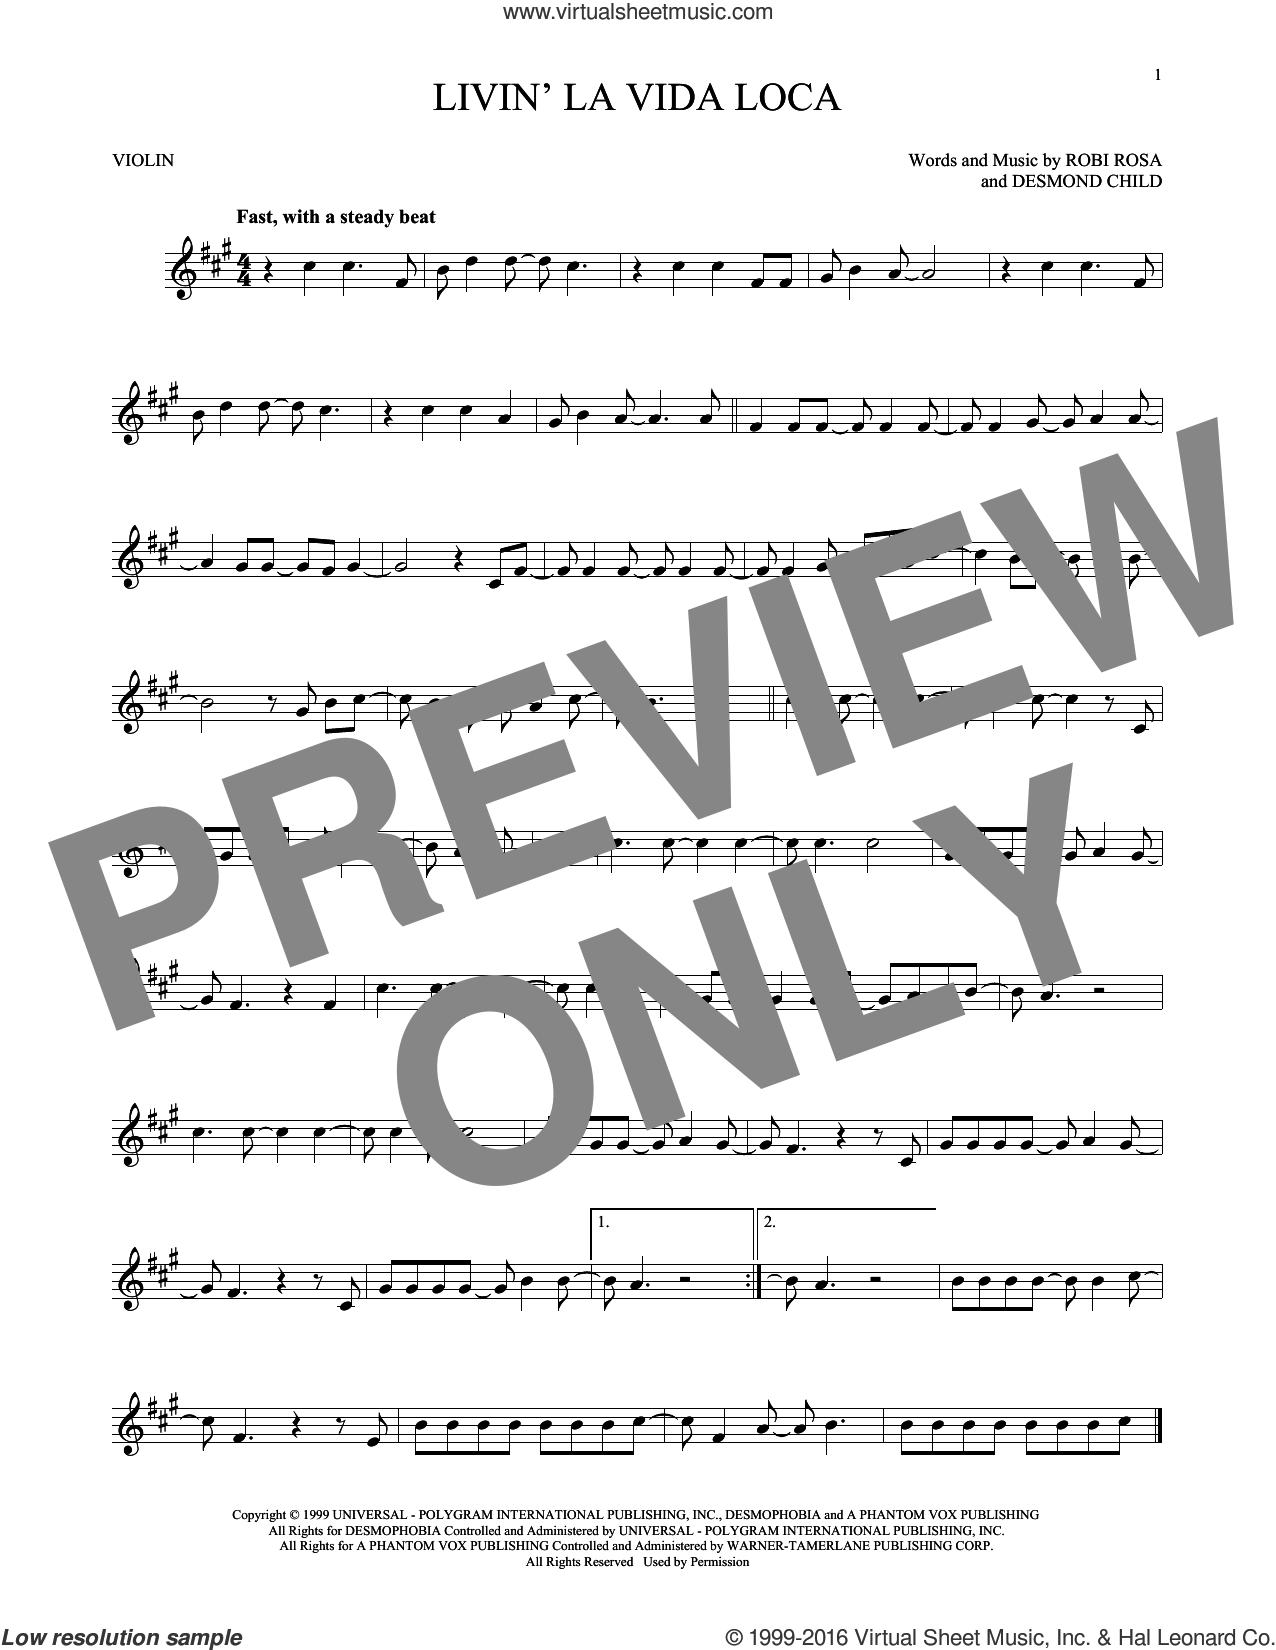 Livin' La Vida Loca sheet music for violin solo by Ricky Martin, Desmond Child and Robi Rosa, intermediate skill level